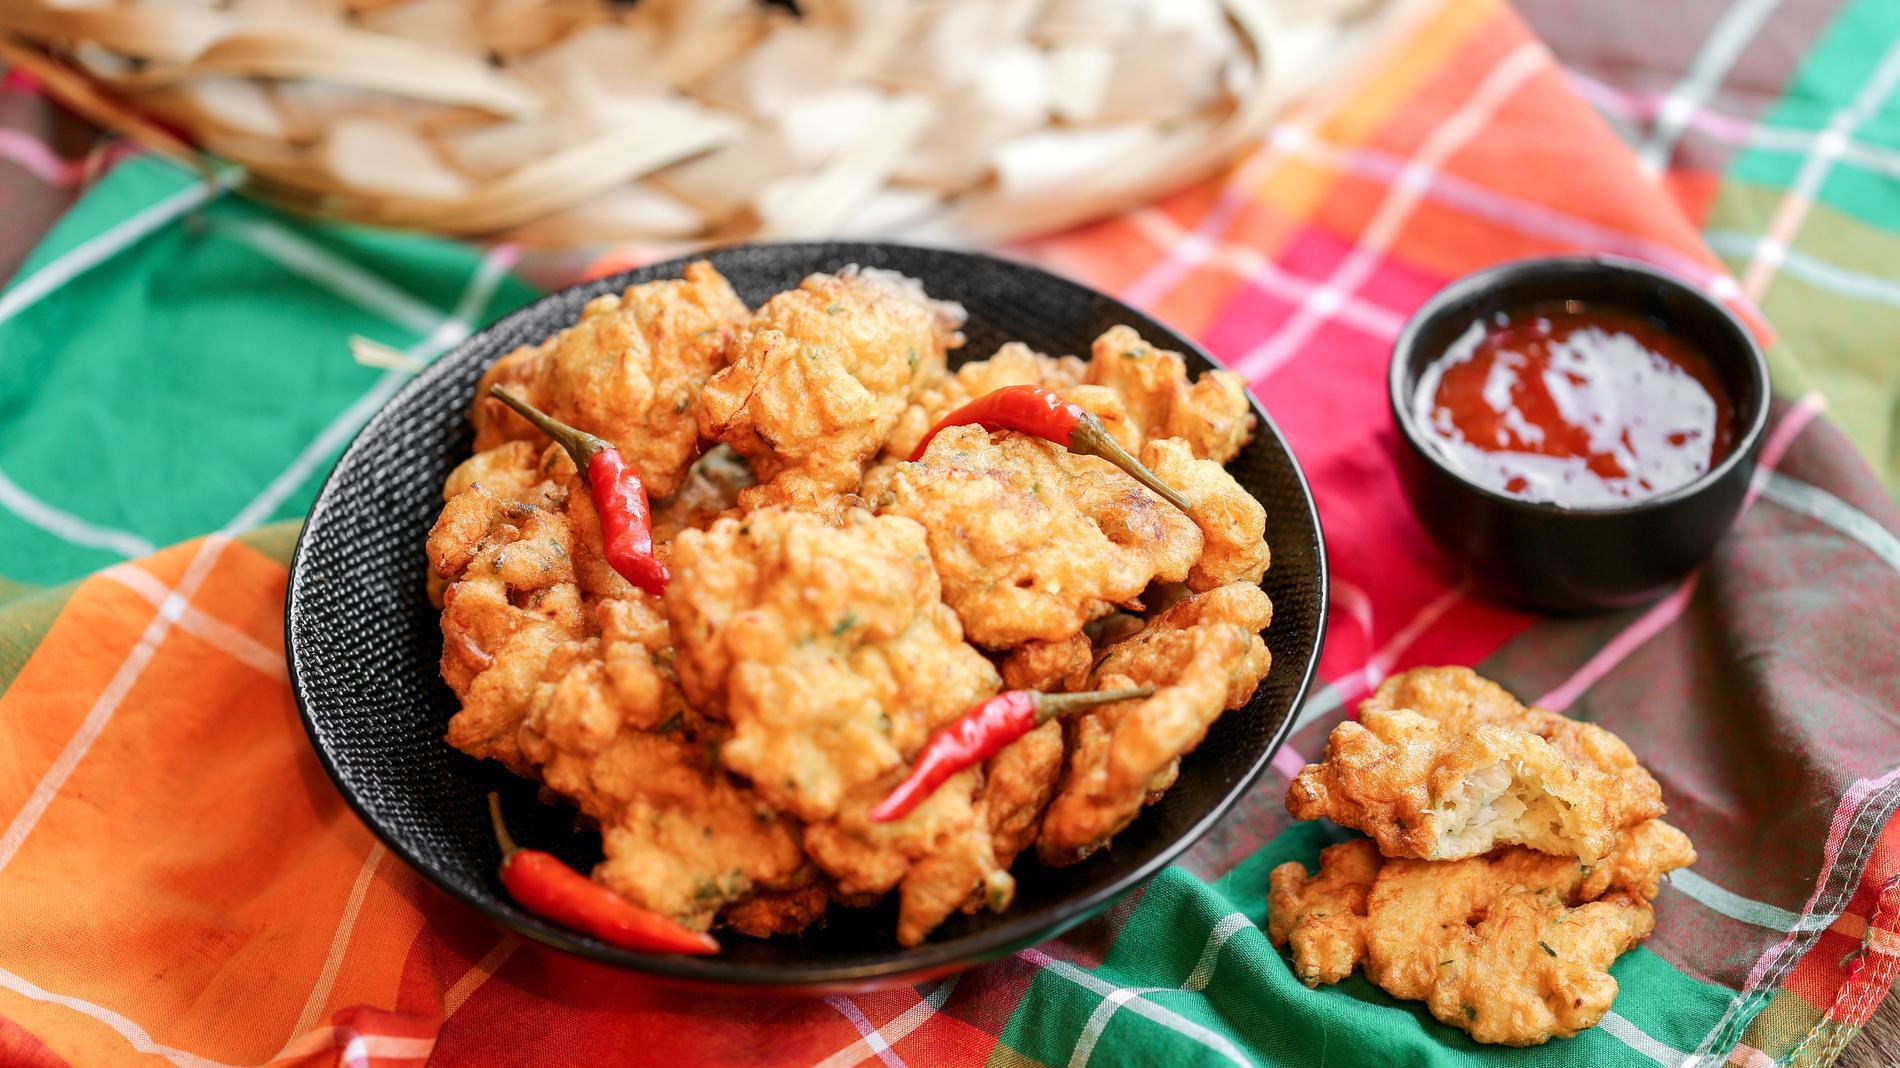 Recettes cuisine antillaise recettes faciles et rapides - Recette cuisine antillaise ...